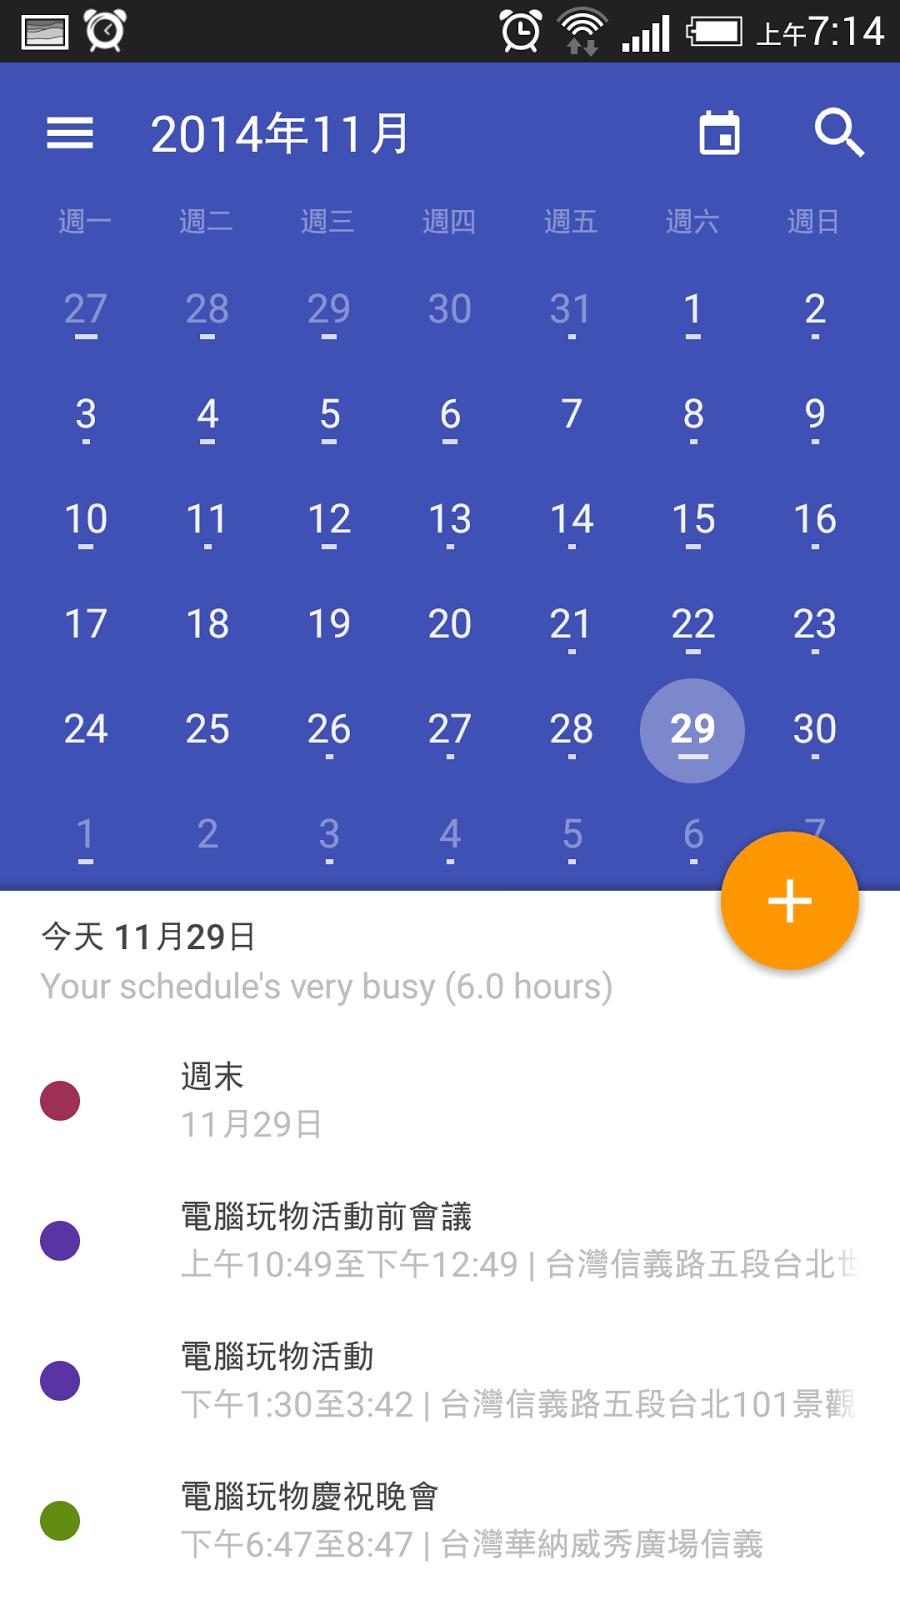 改變行動工作!電腦玩物 2014 最佳 Android App 推薦 Today%2BCalendar-08